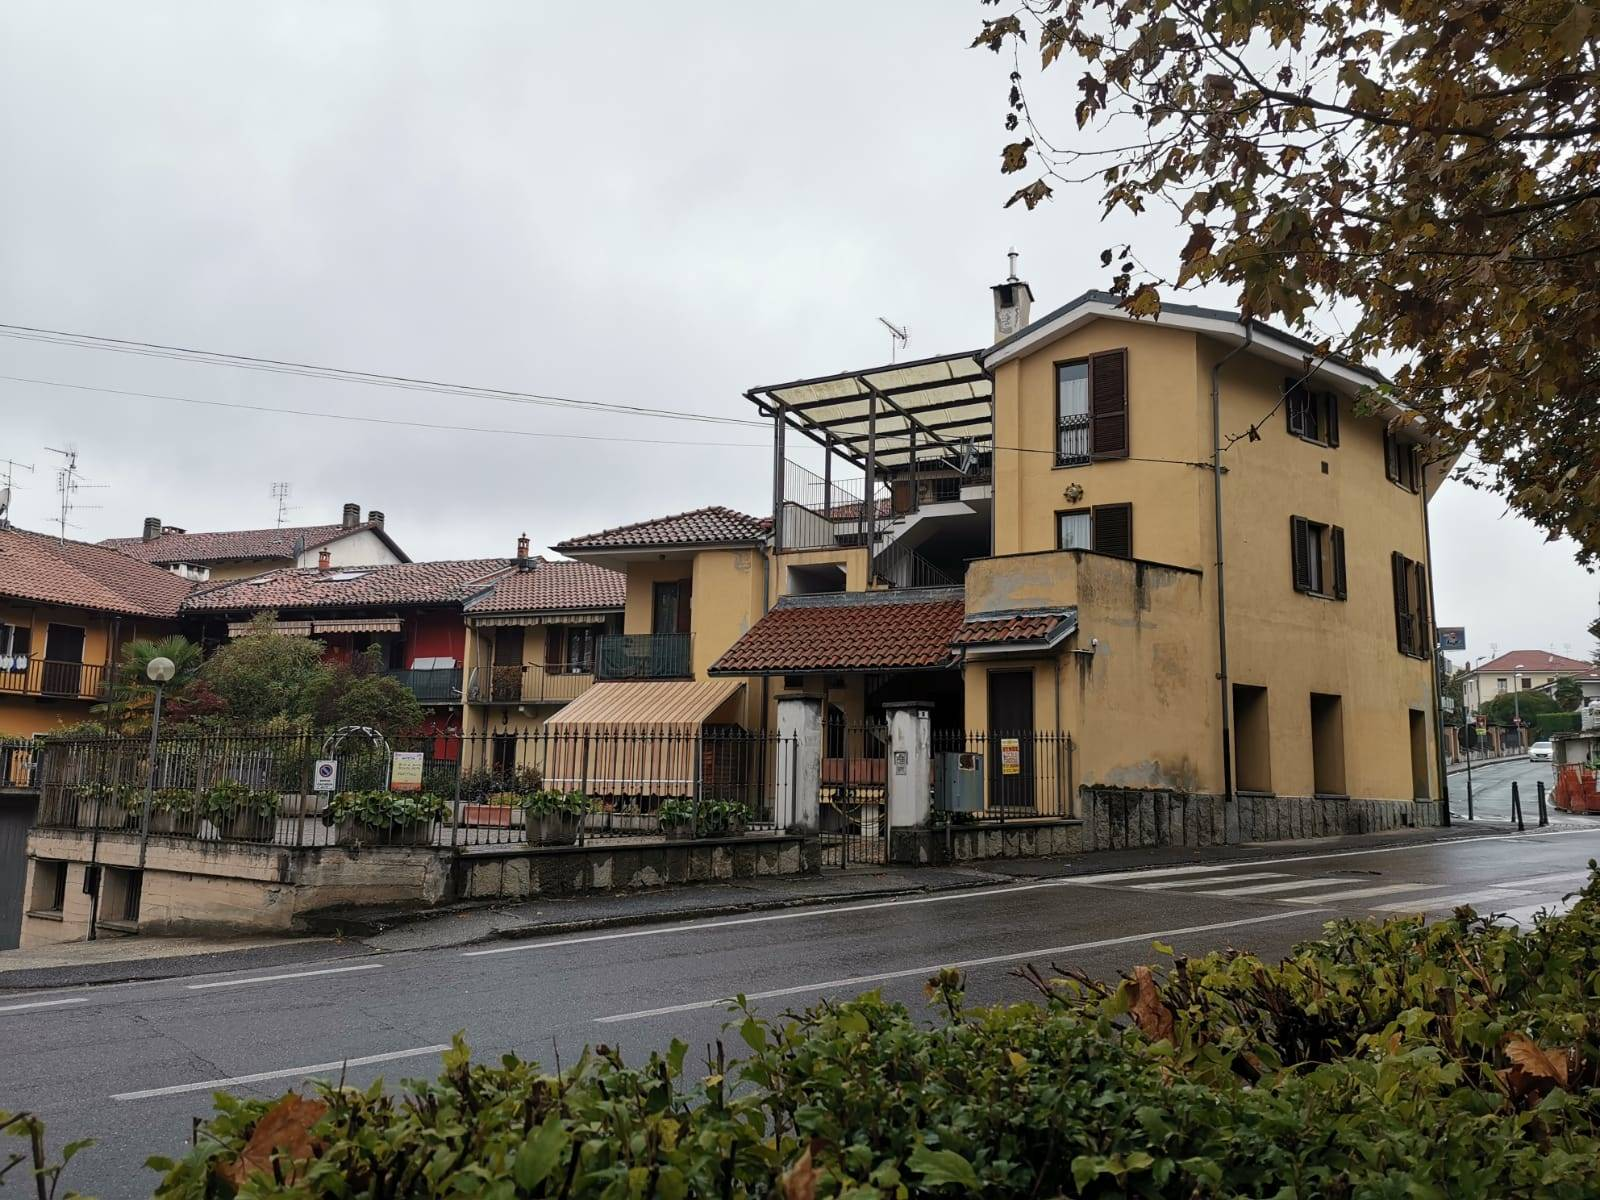 Appartamento in vendita a Cumiana, 6 locali, zona Località: CUMIANA, prezzo € 115.000   CambioCasa.it